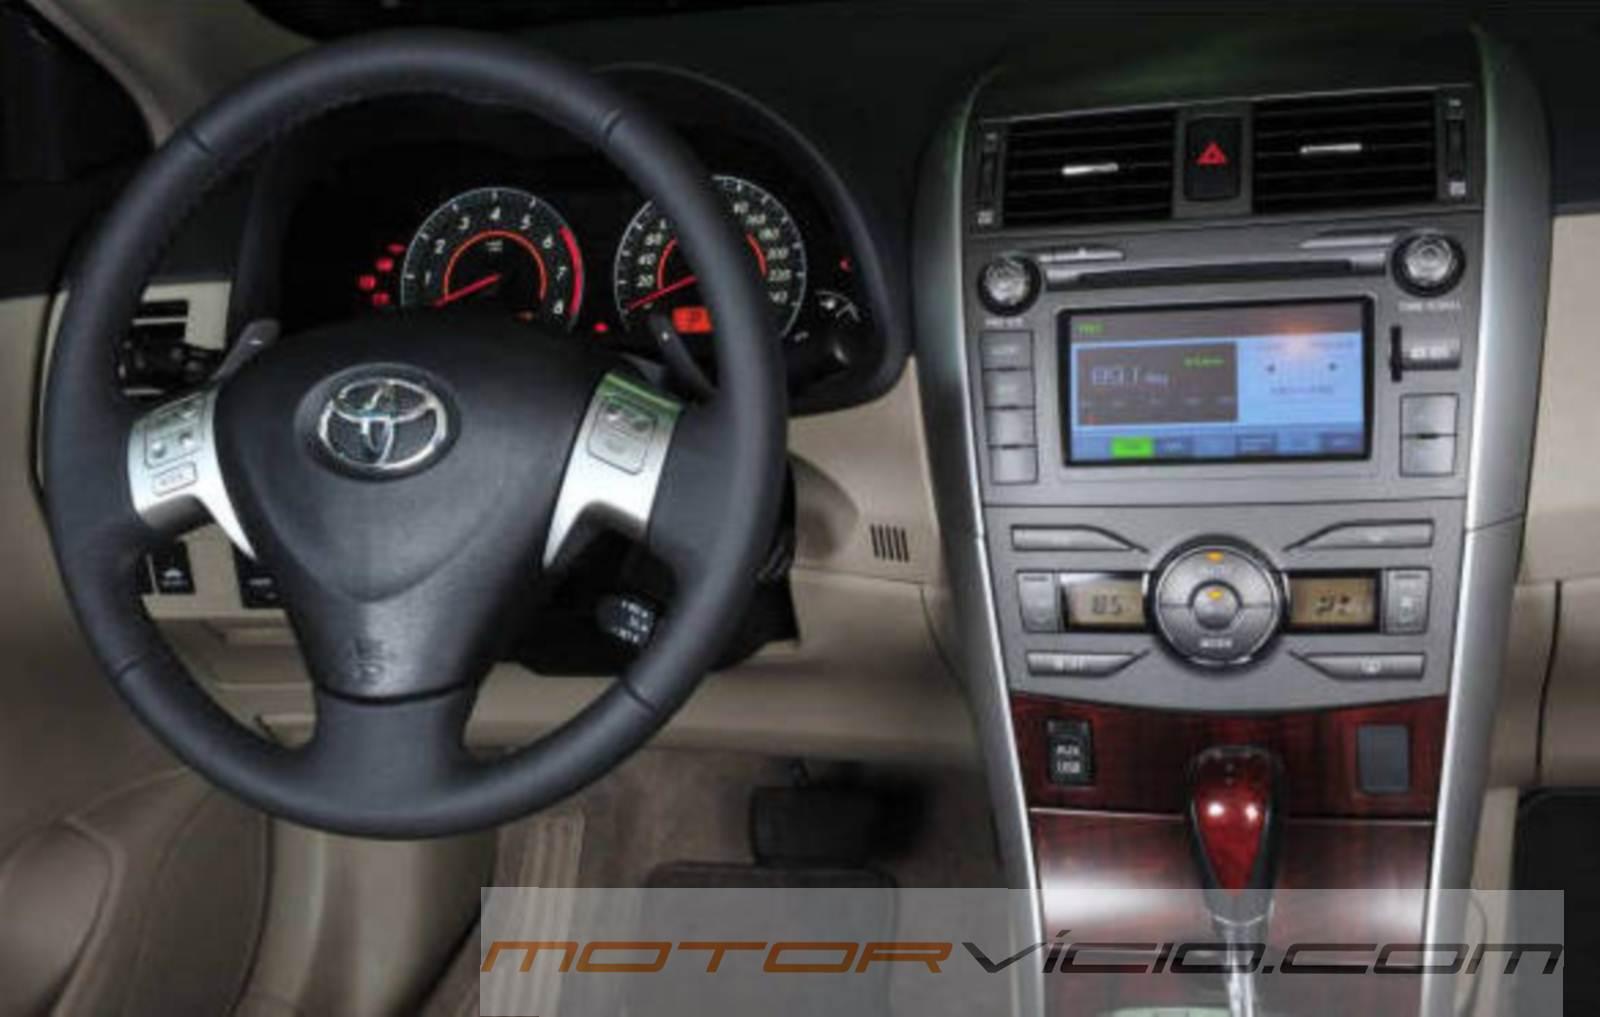 Toyota Corolla 2014 - central multimídia